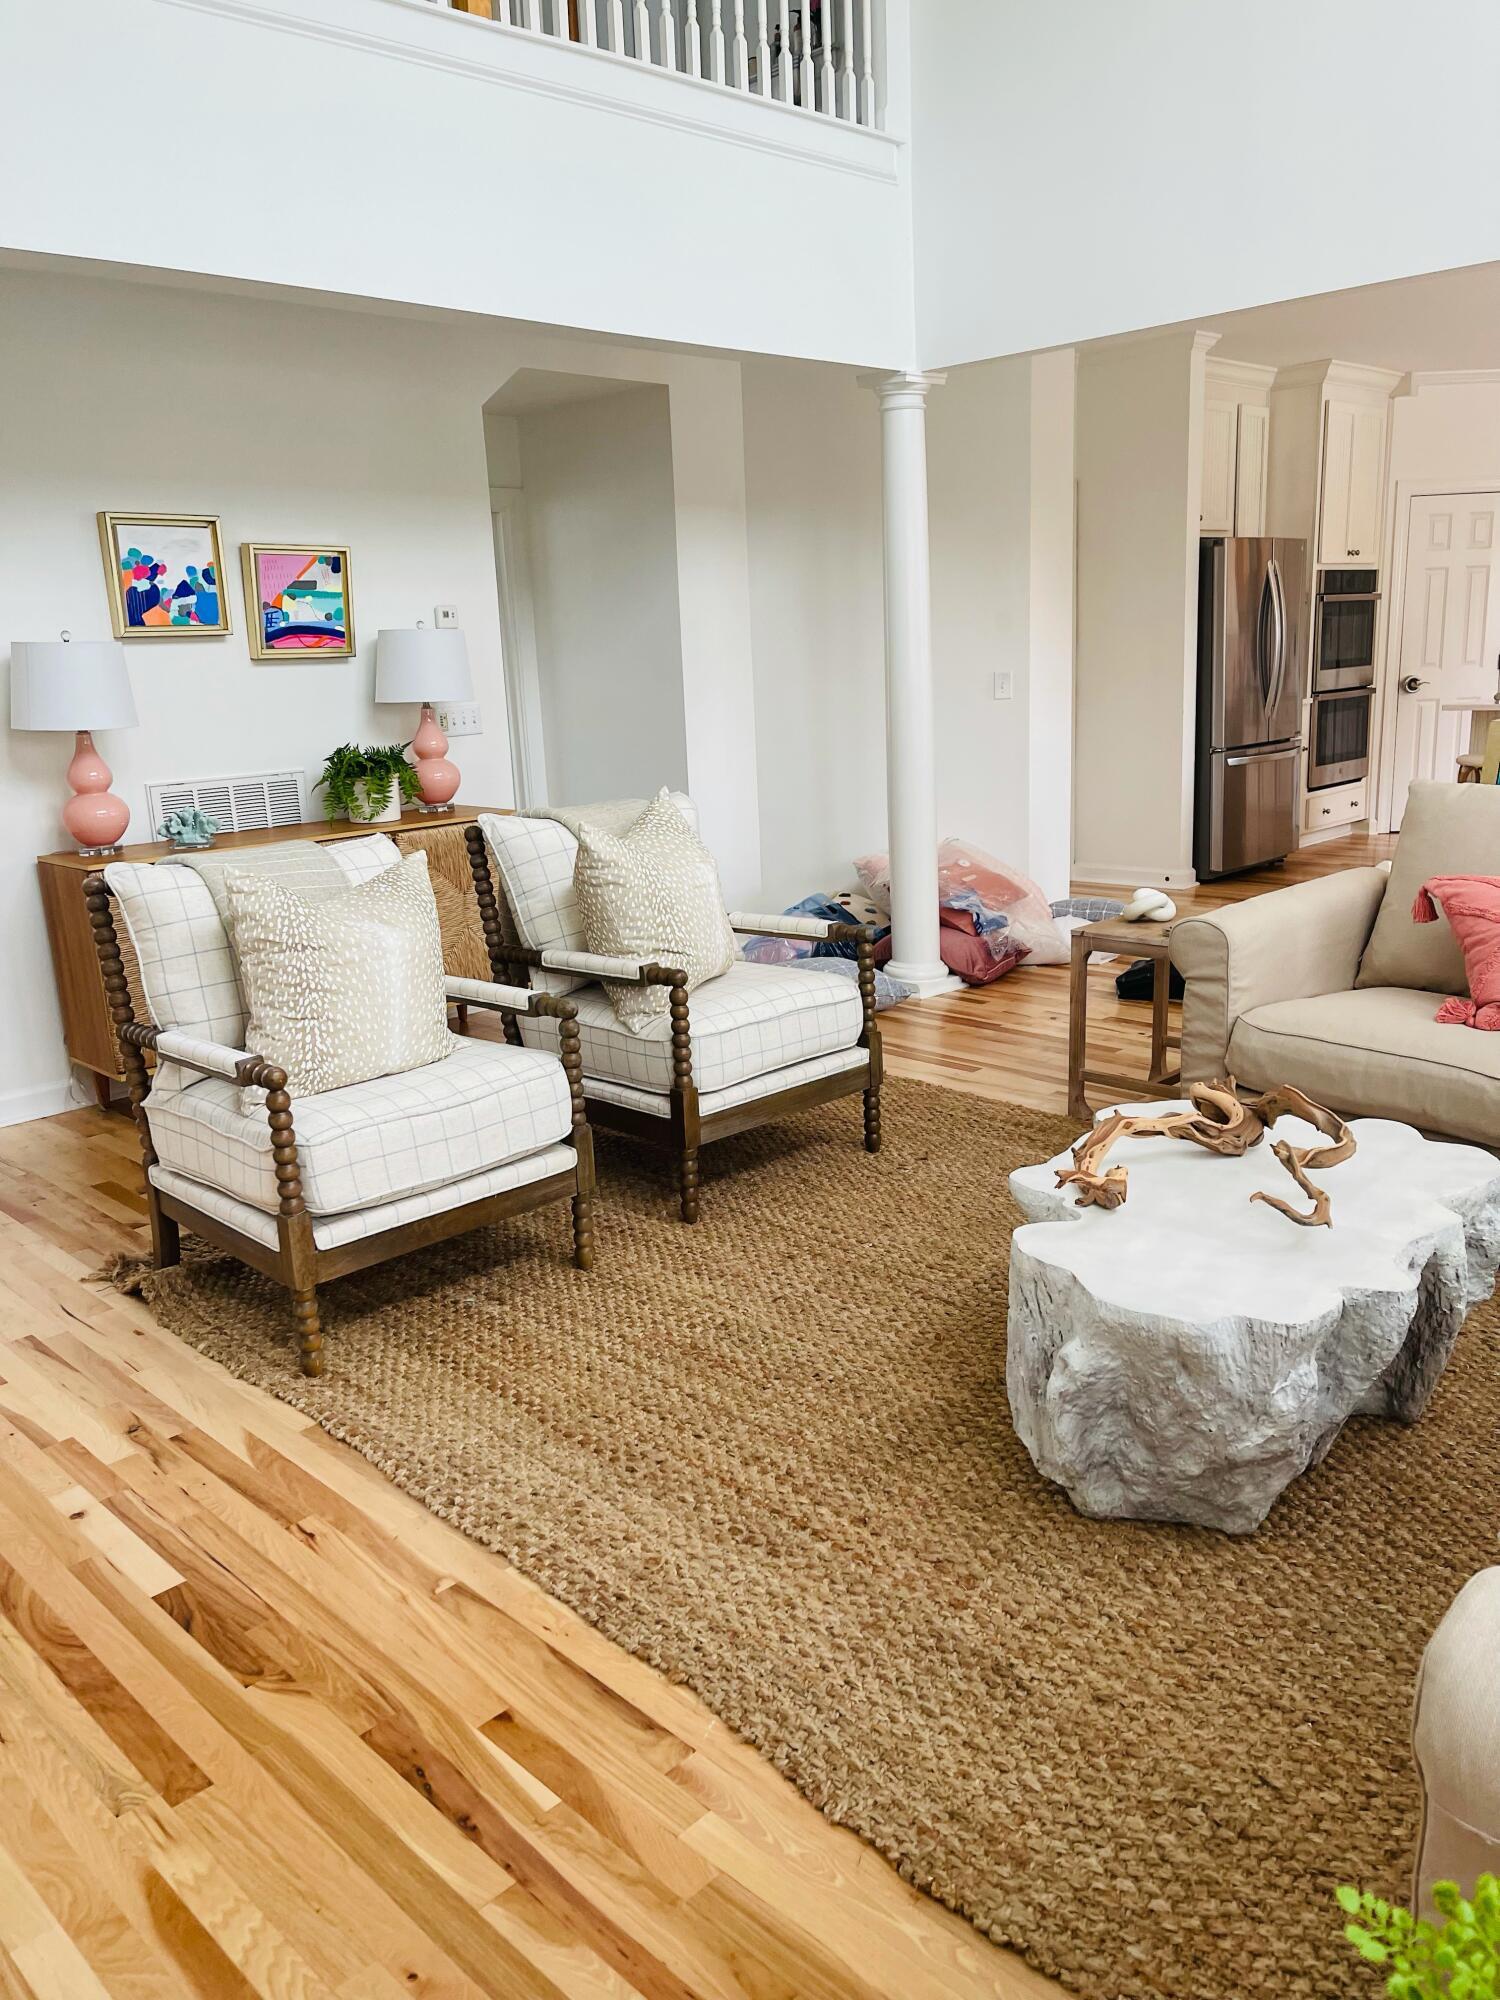 Dunes West Homes For Sale - 3059 Riverwood, Mount Pleasant, SC - 34